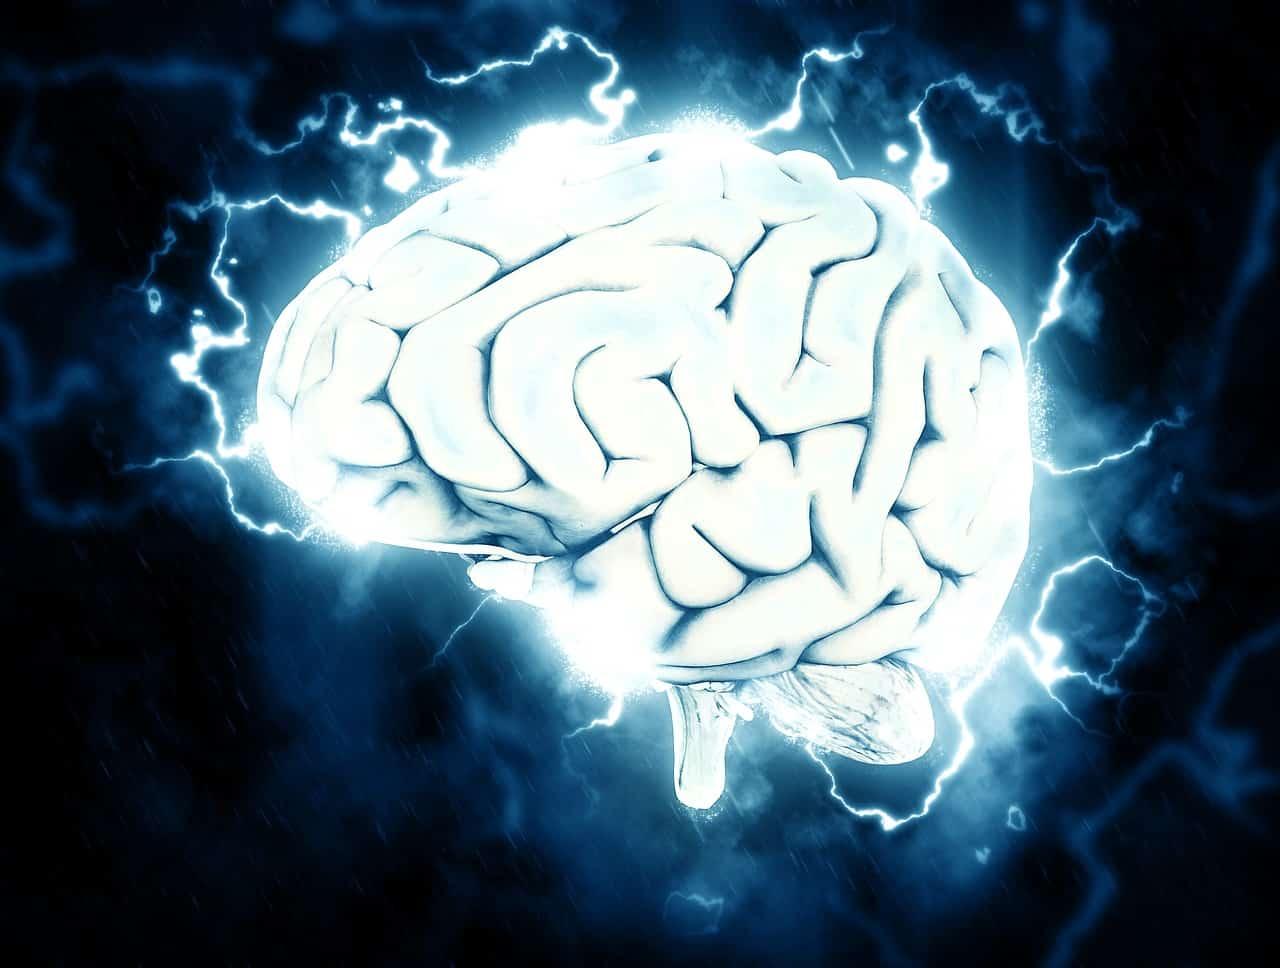 רשלנות רפואית בשבץ מוחי 2